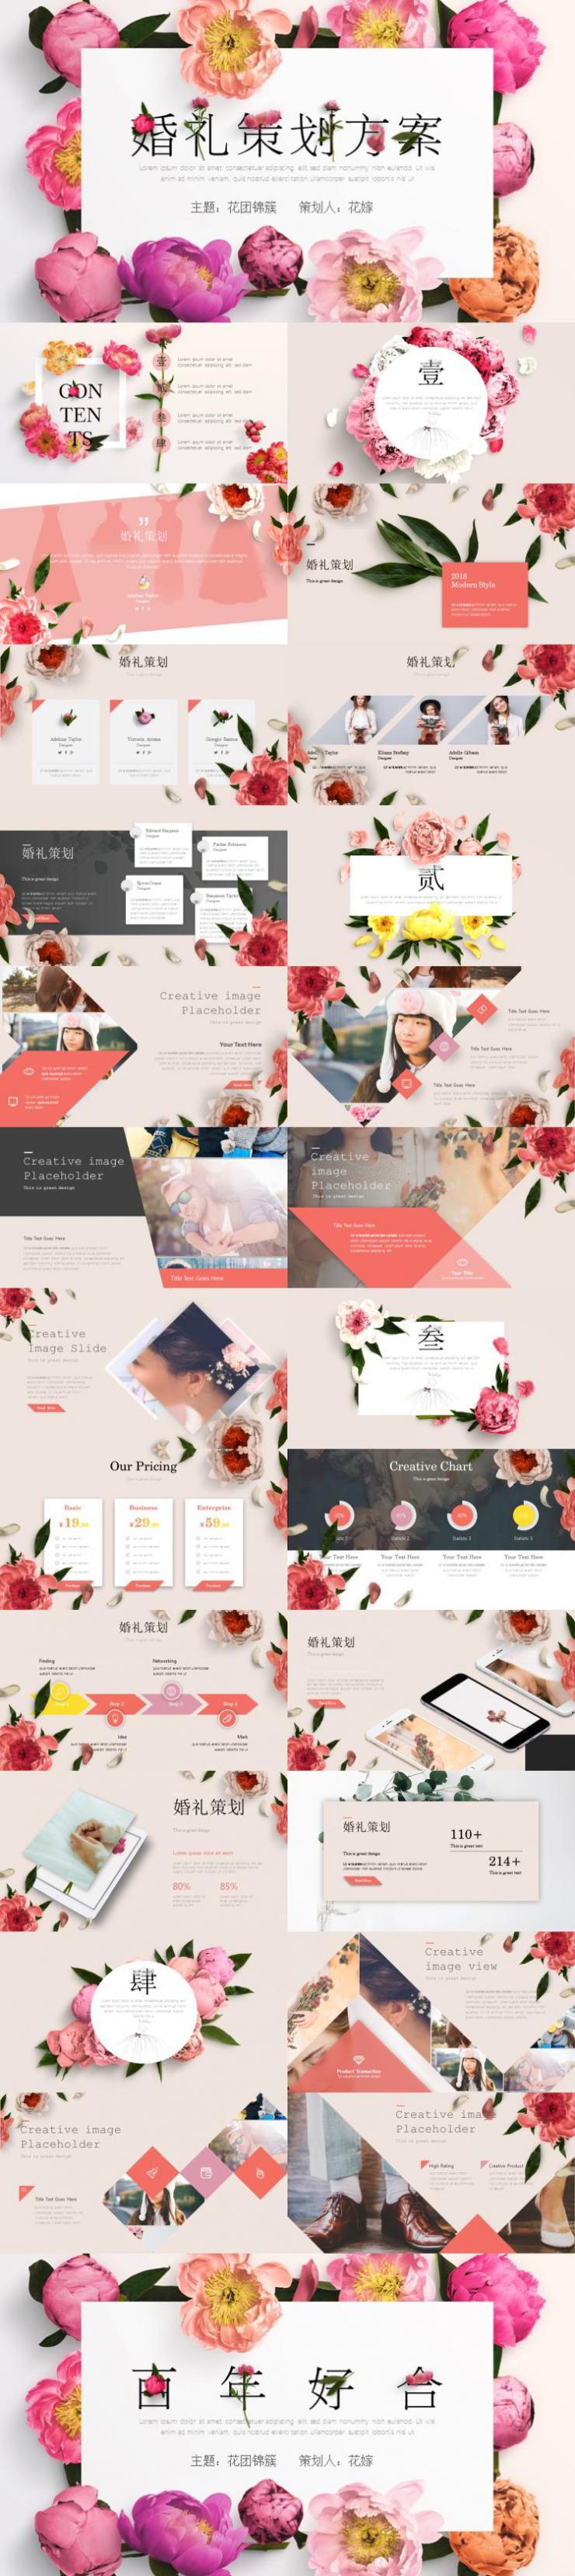 婚礼策划方案PPT模板下载